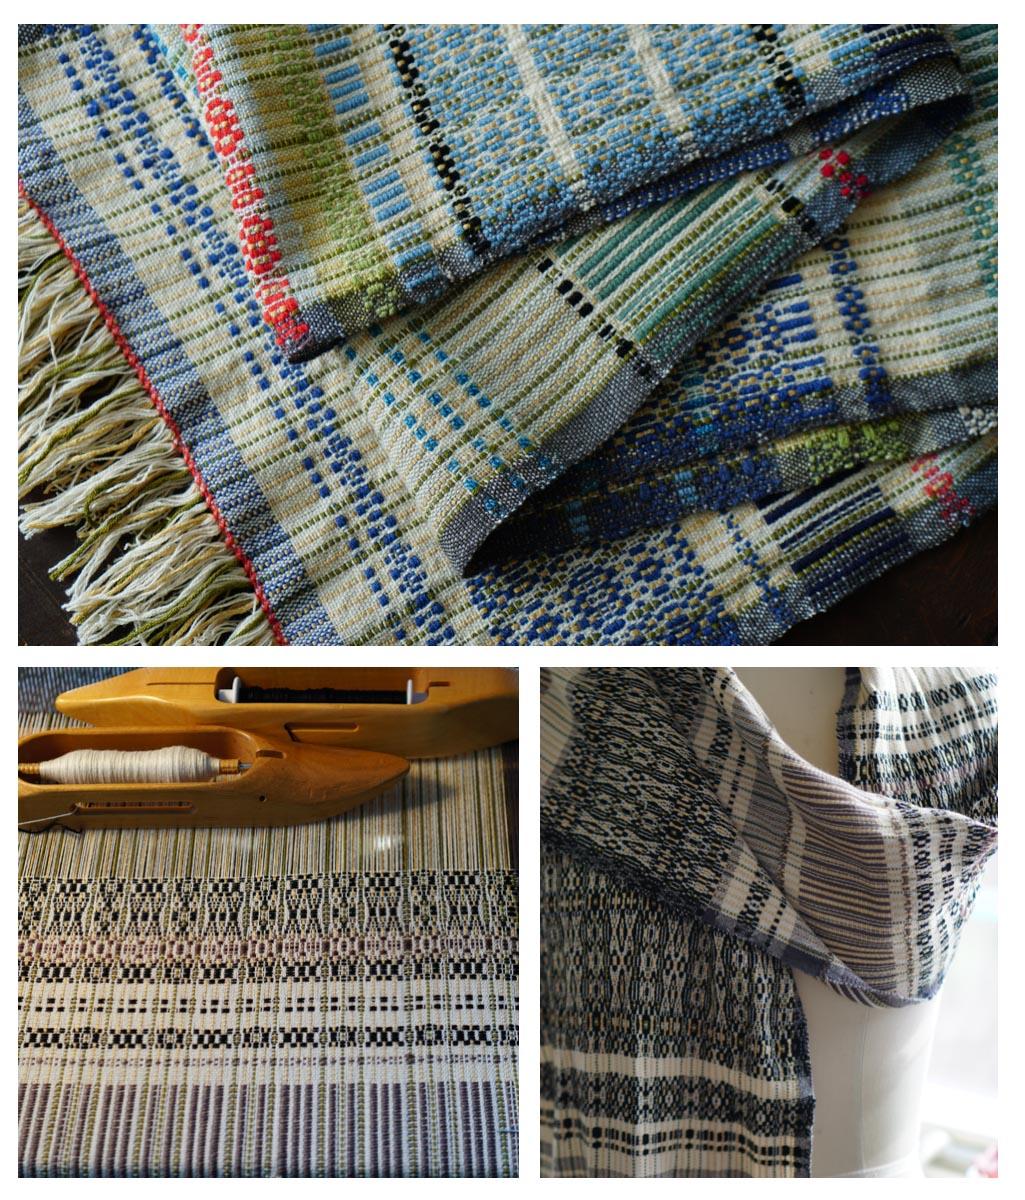 My Bateman weave scarves